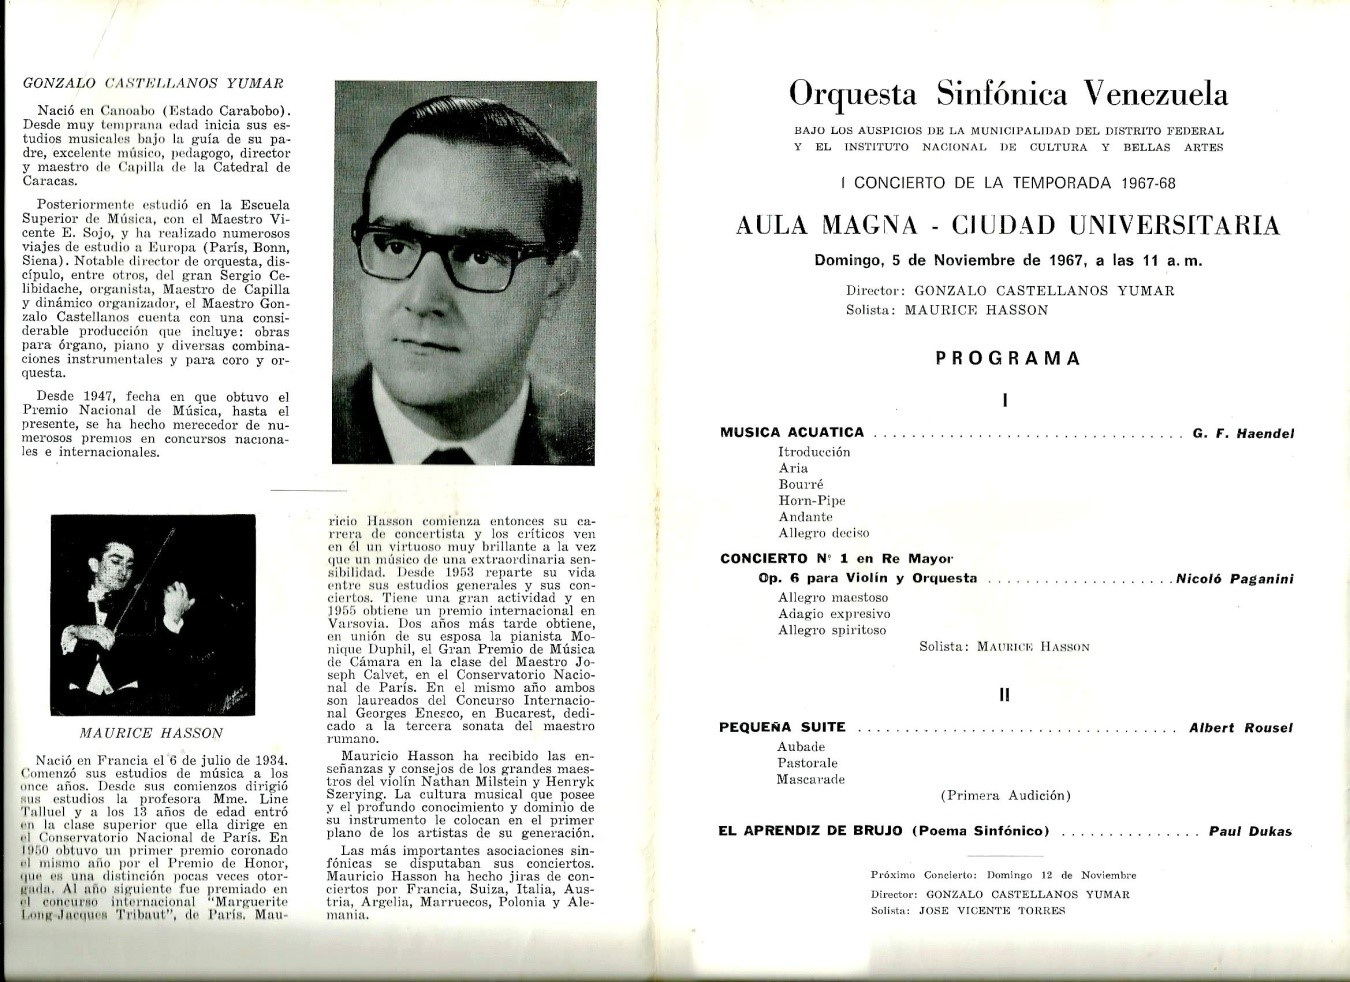 Programa del 5 de Noviembre de 1967.